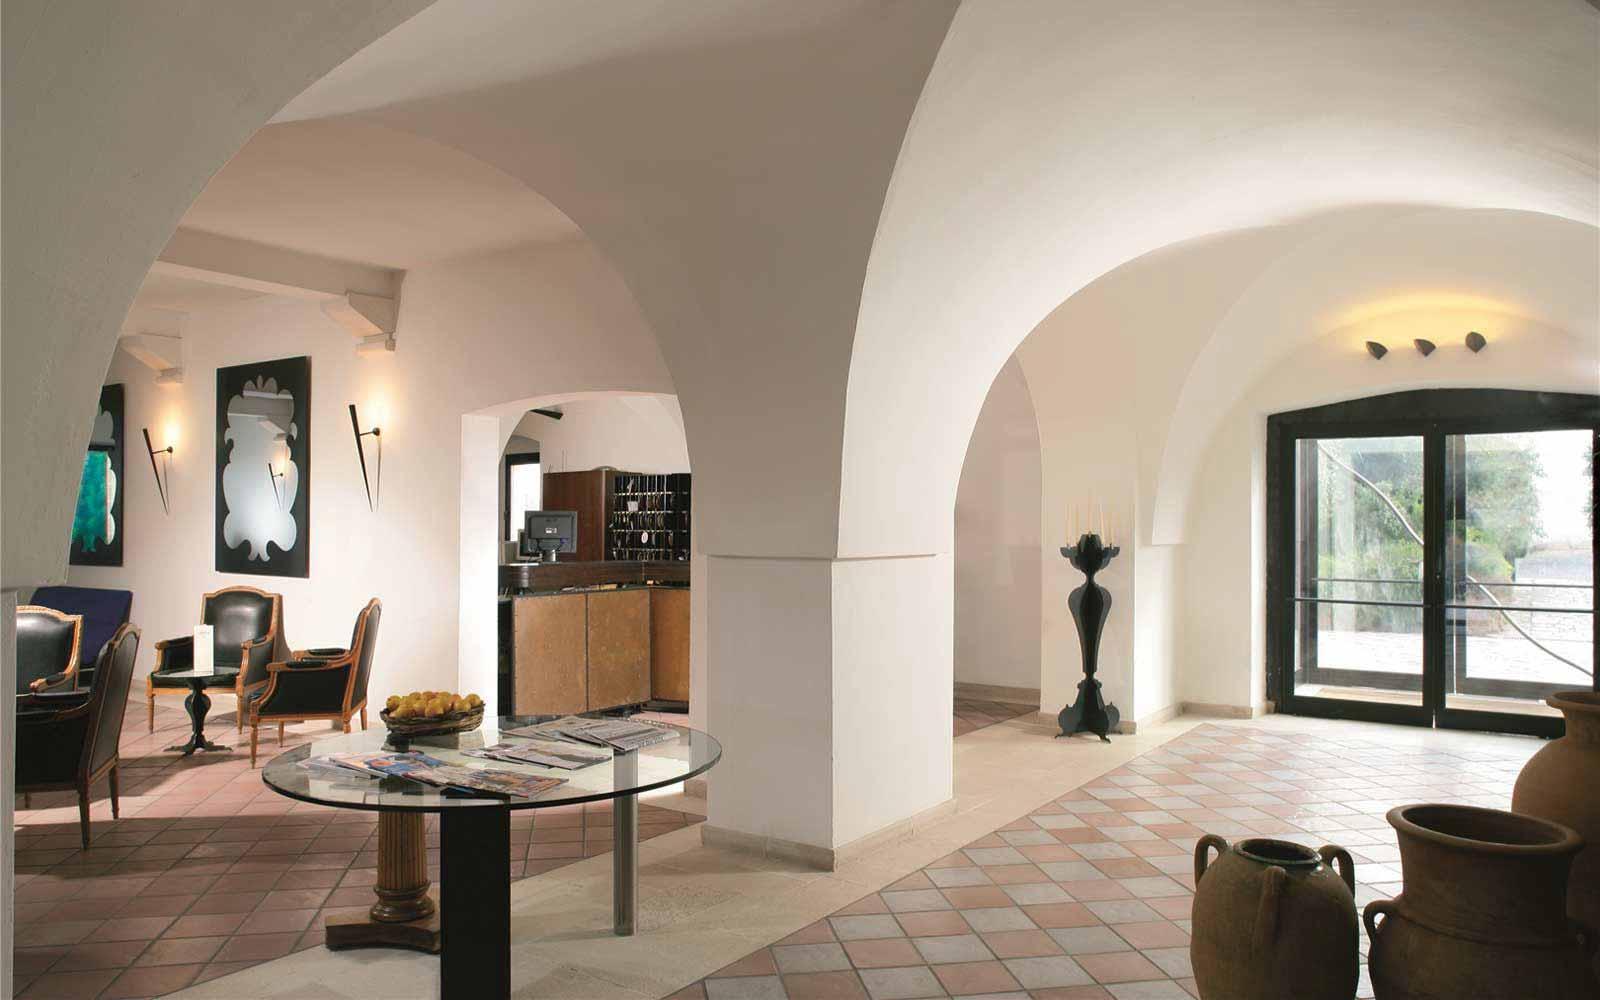 Reception at Grand Hotel Masseria Santa Lucia